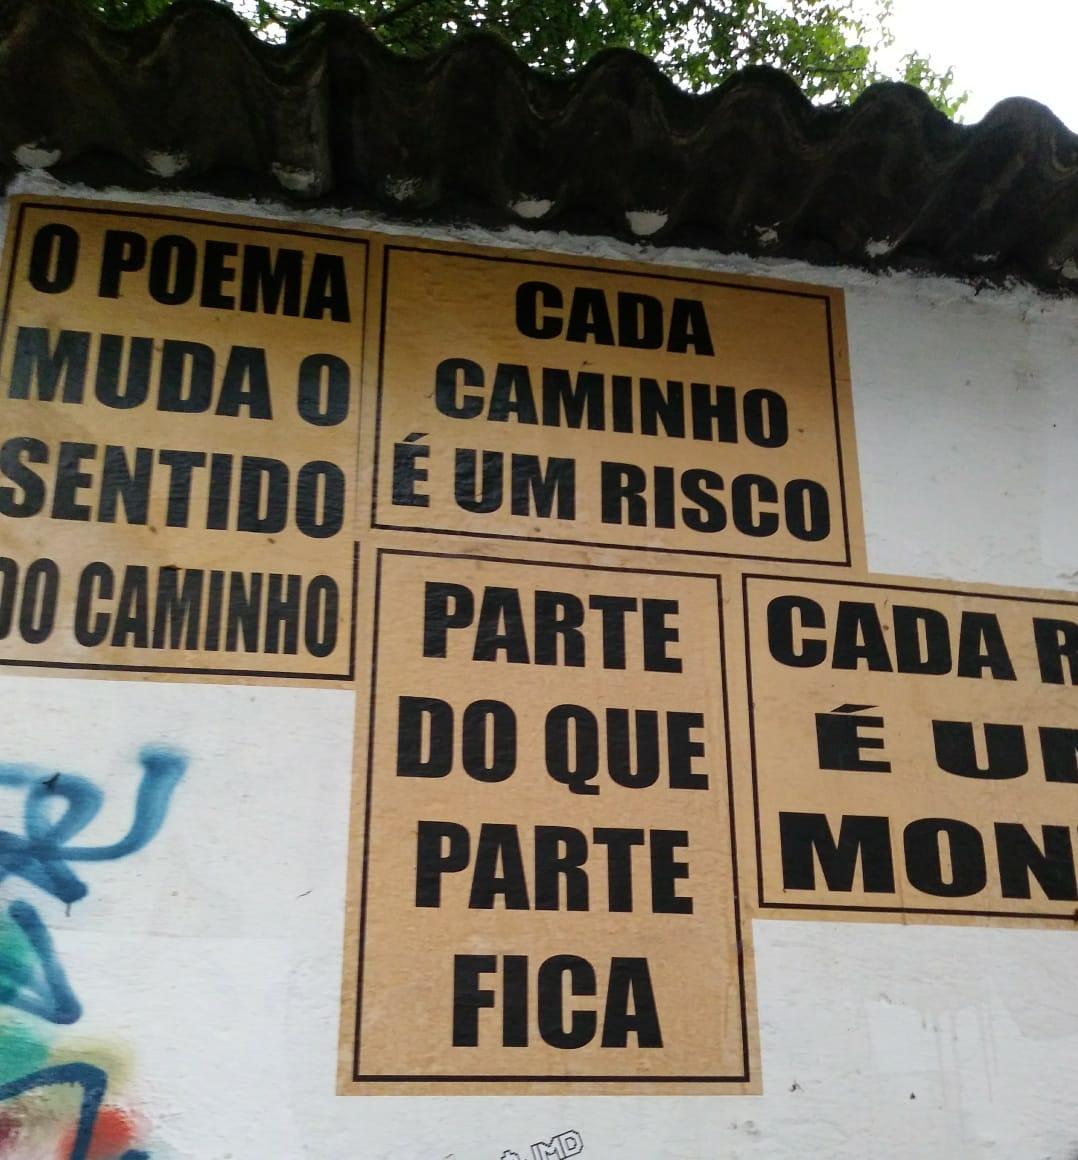 Vinícius, o poeta amador no Atelier Paulista